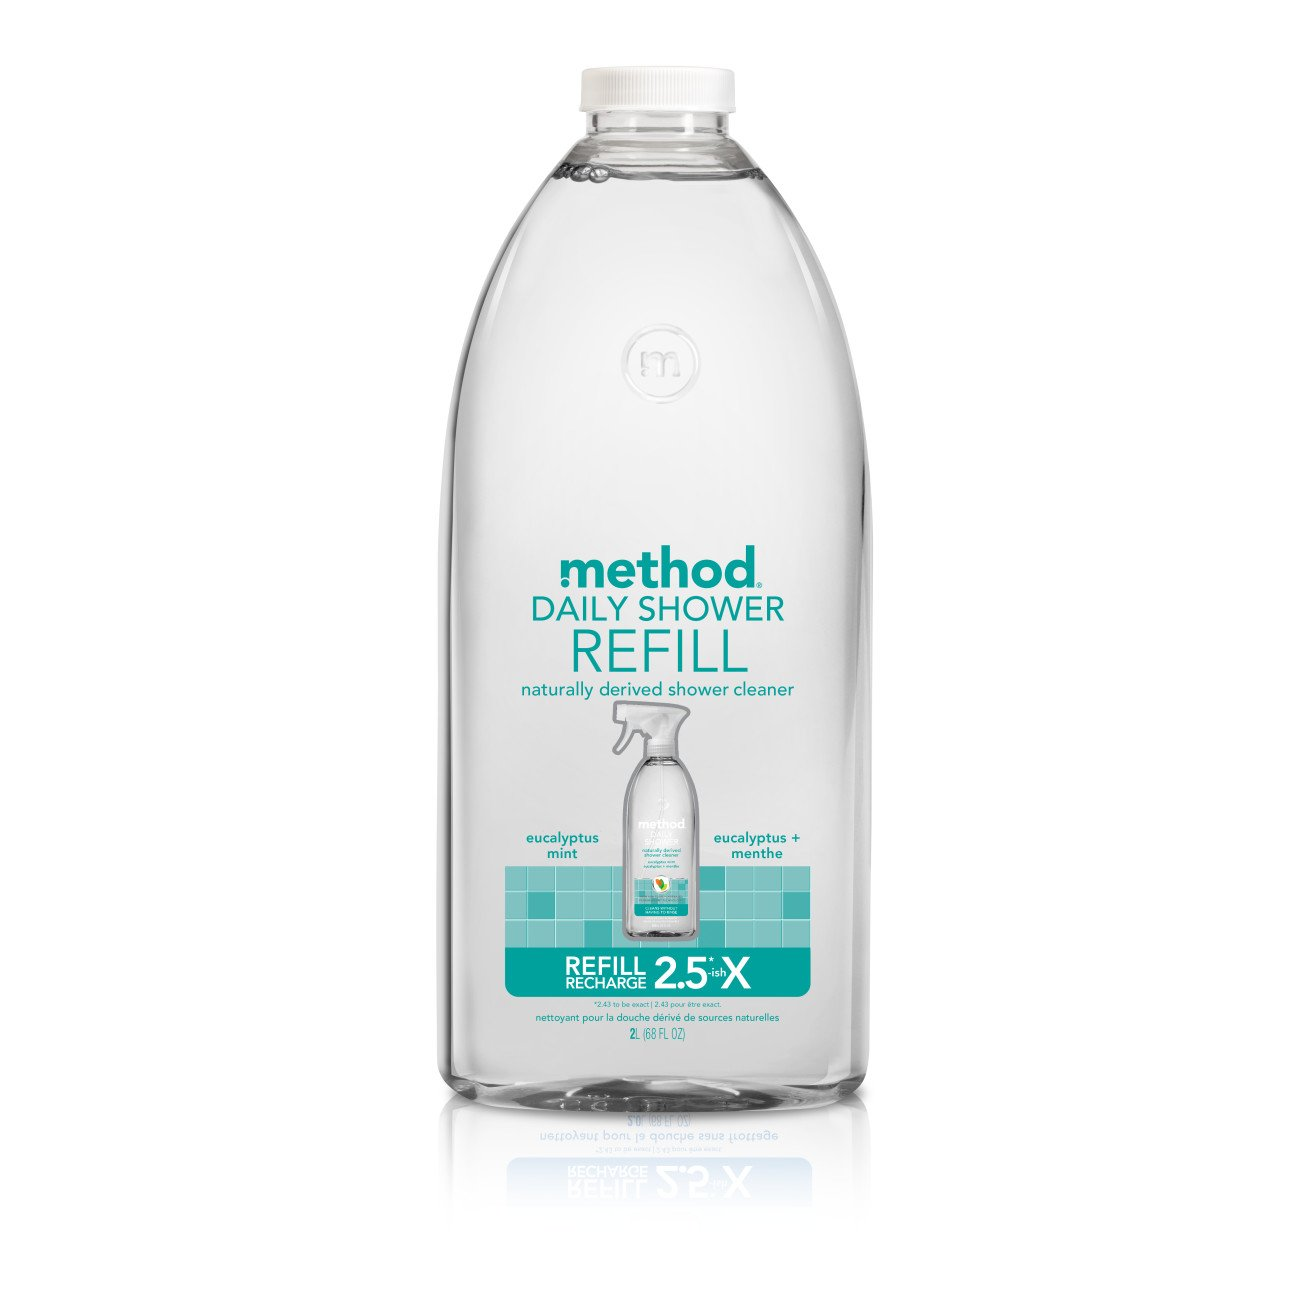 Method Daily Shower Spray Cleaner Refill, Eucalyptus Mint, 68 Ounce